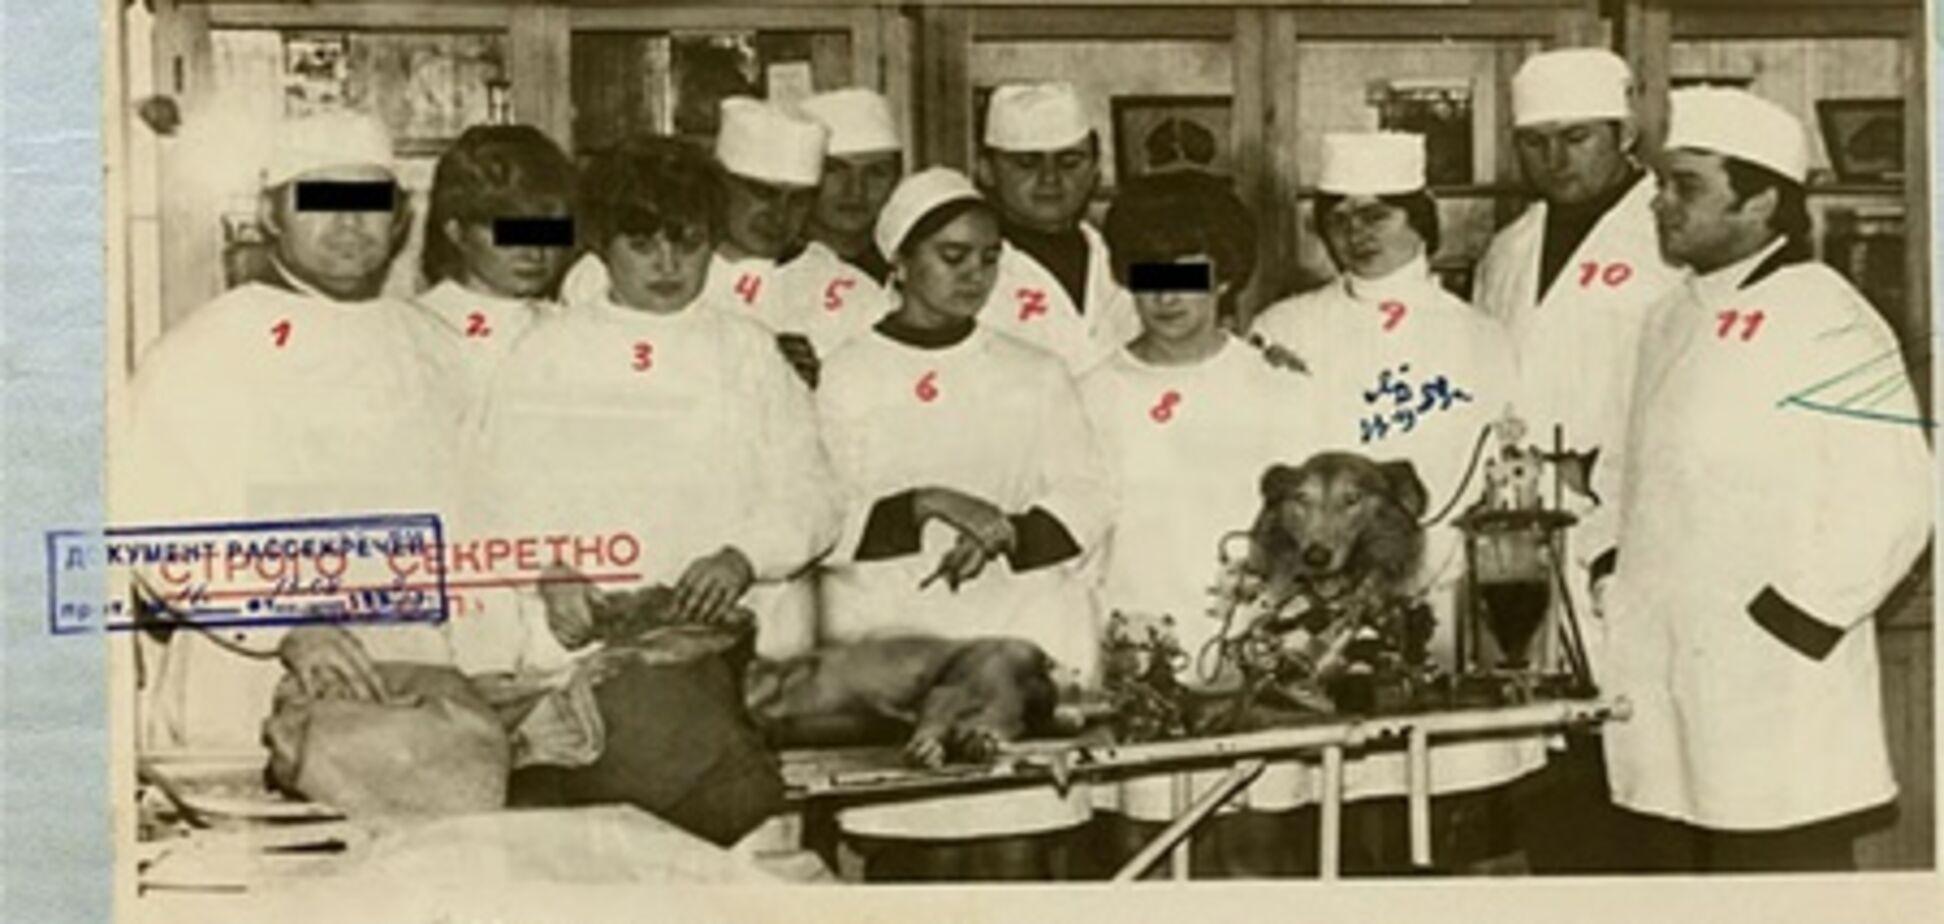 Розсекречена історія створення в СРСР першого в світі біоробота. Фото